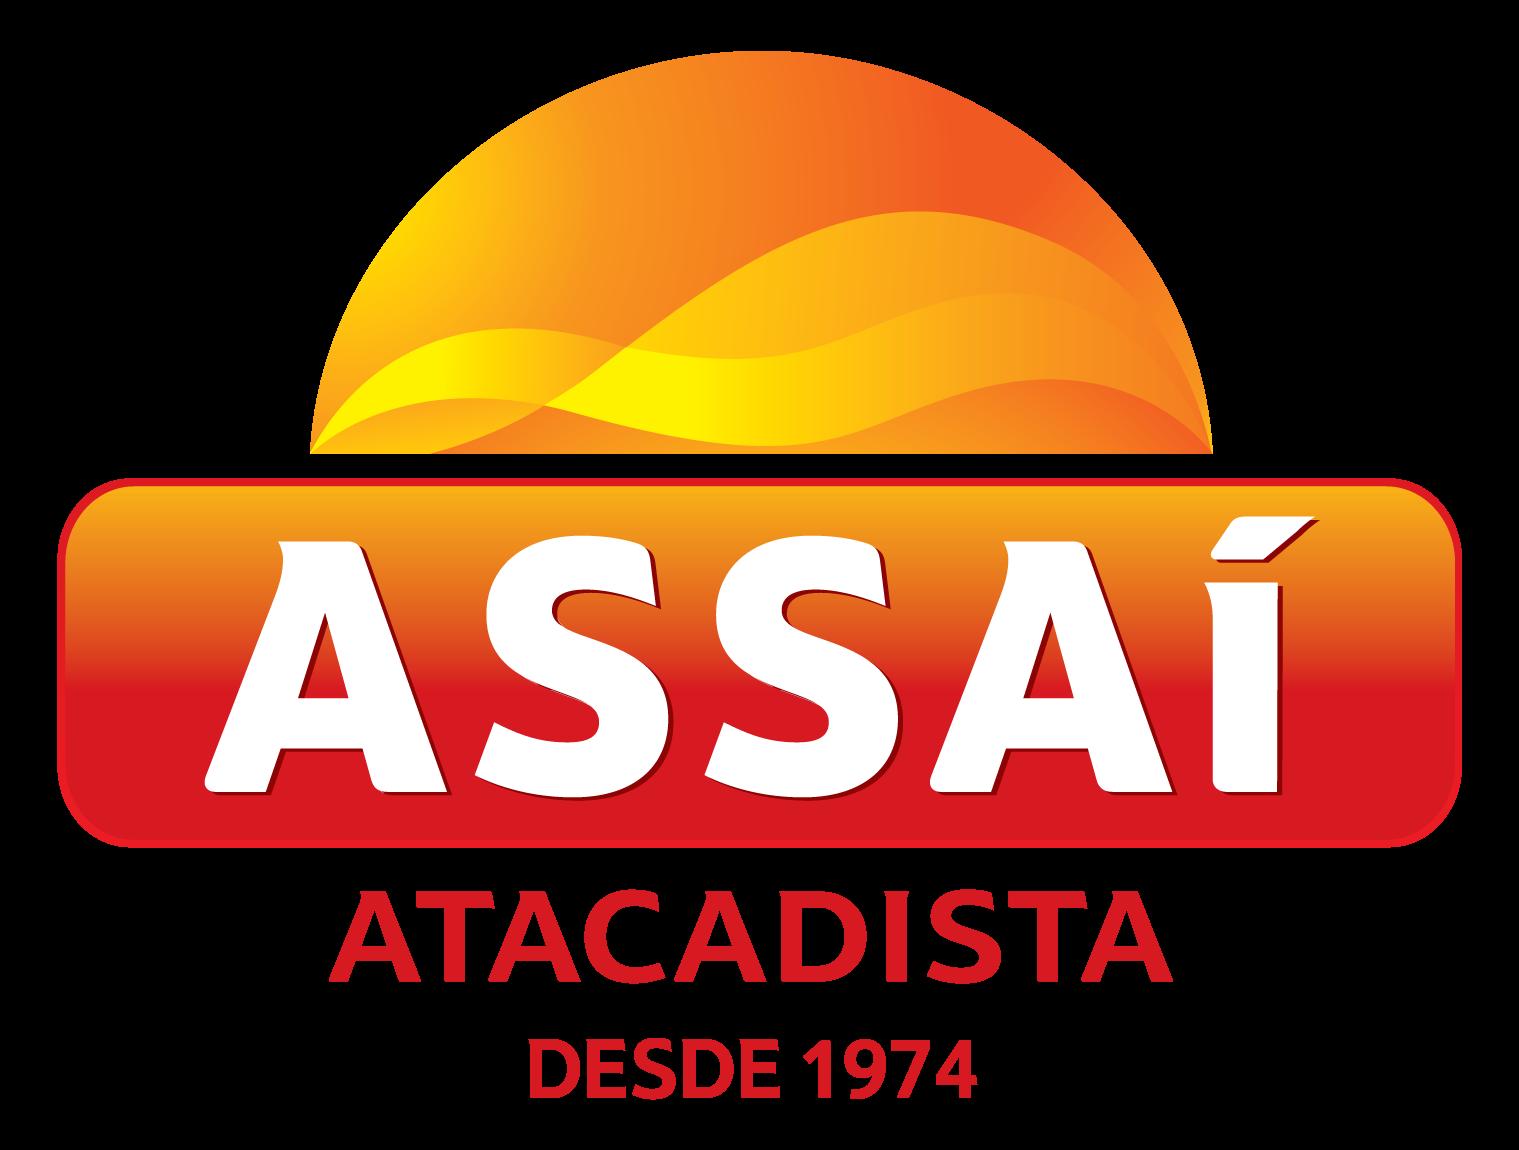 a688a54056 Assaí Atacadista Chega a Bauru ~ Trade Eye